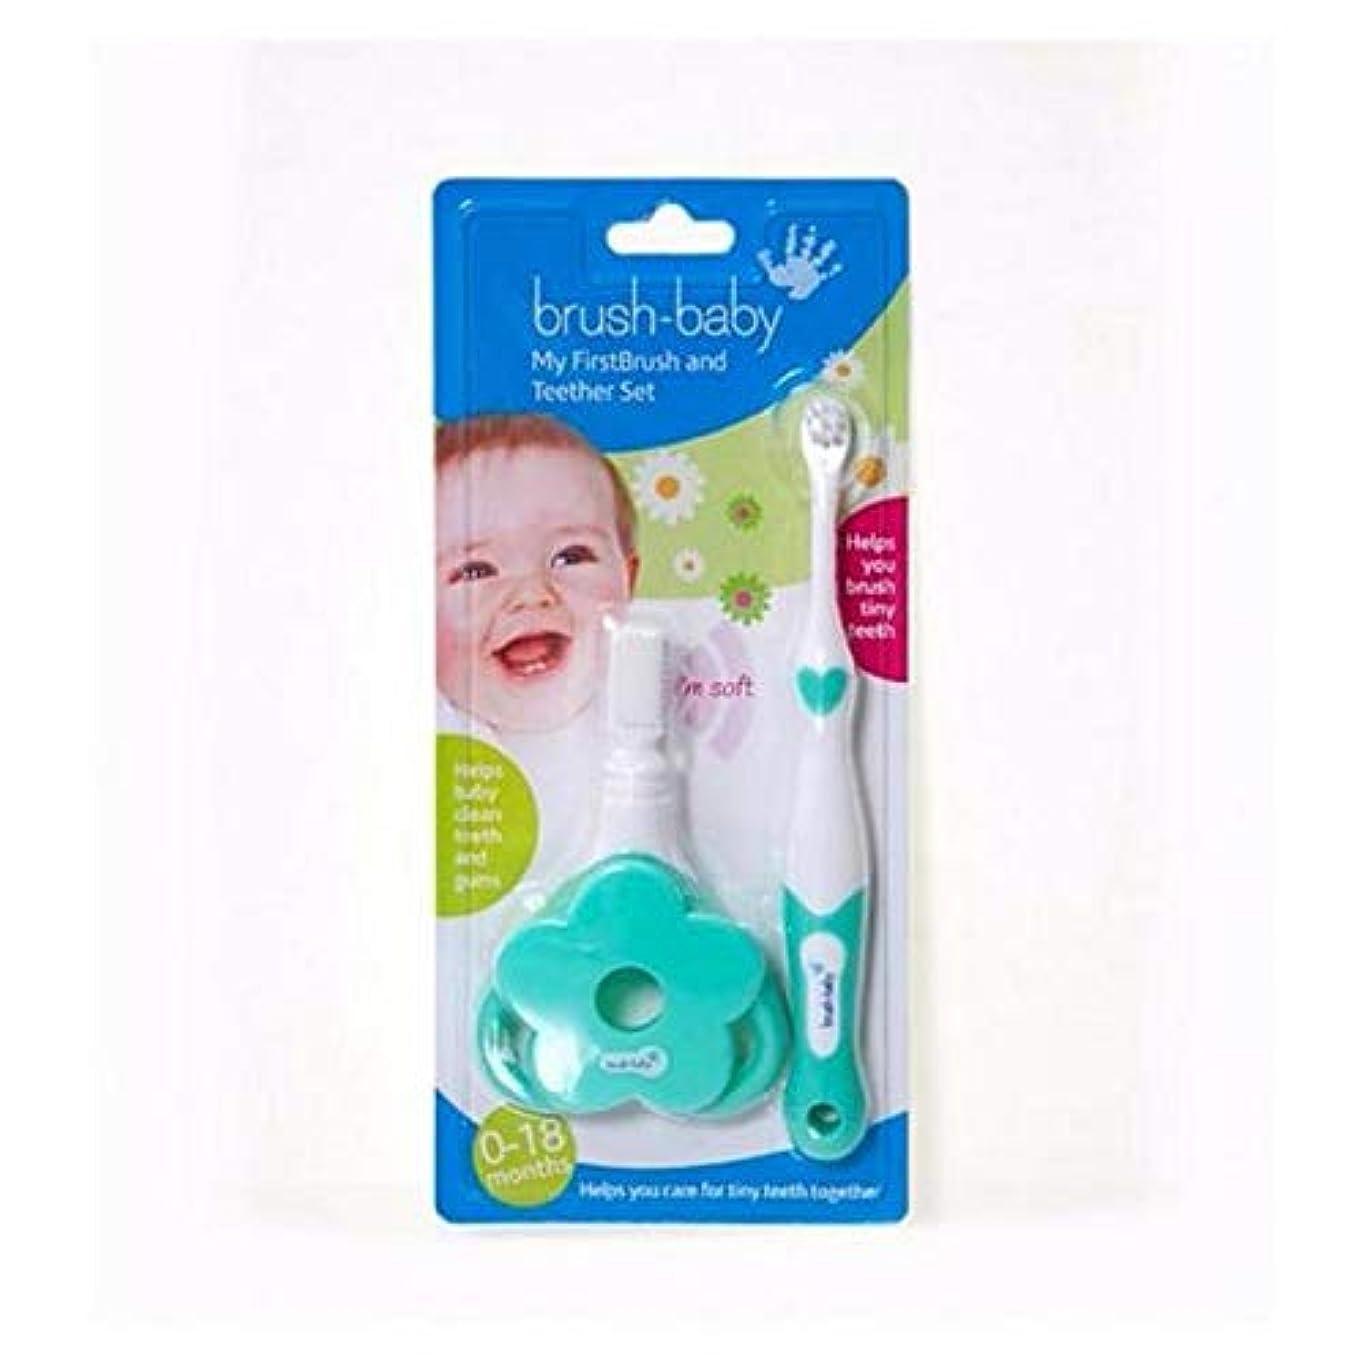 それにもかかわらずばか自分のために[Brush-Baby ] ブラシ赤ちゃんが私のFirstbrush&おしゃぶりはパックごとに2を設定します - Brush-Baby My FirstBrush & Teether Set 2 per pack [並行輸入品]